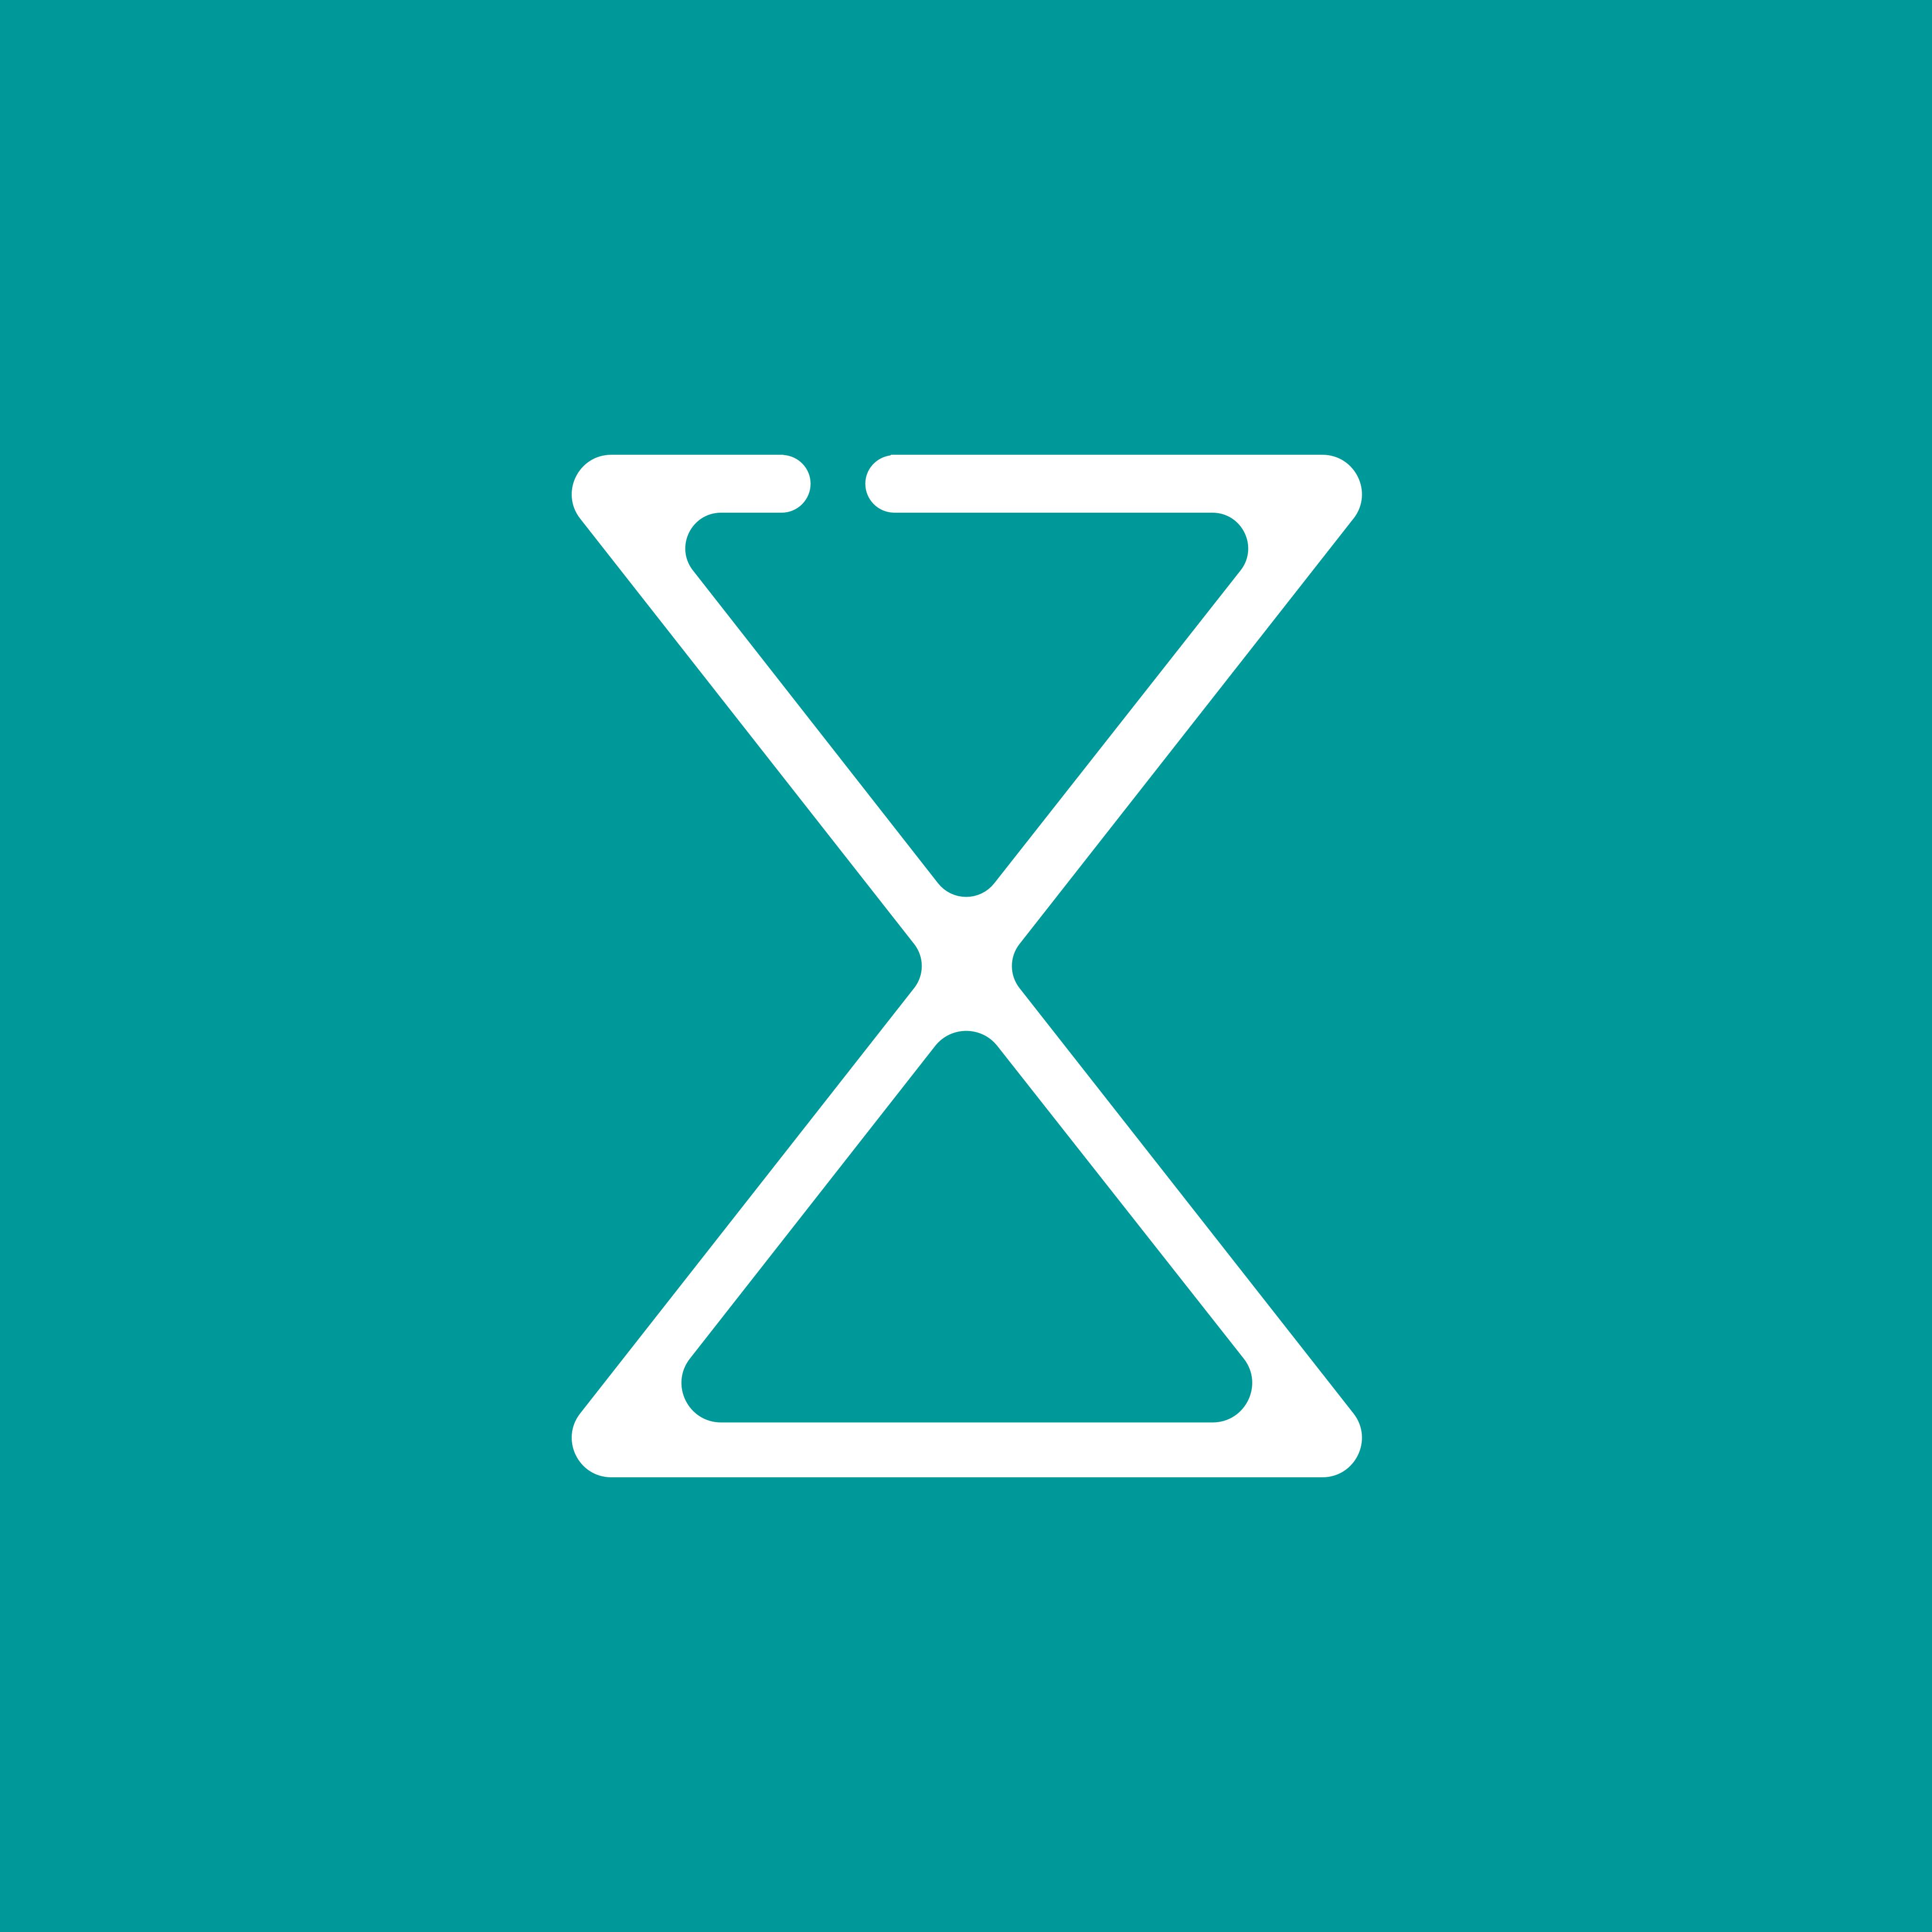 许鲜生活软件1.0.0 安卓版